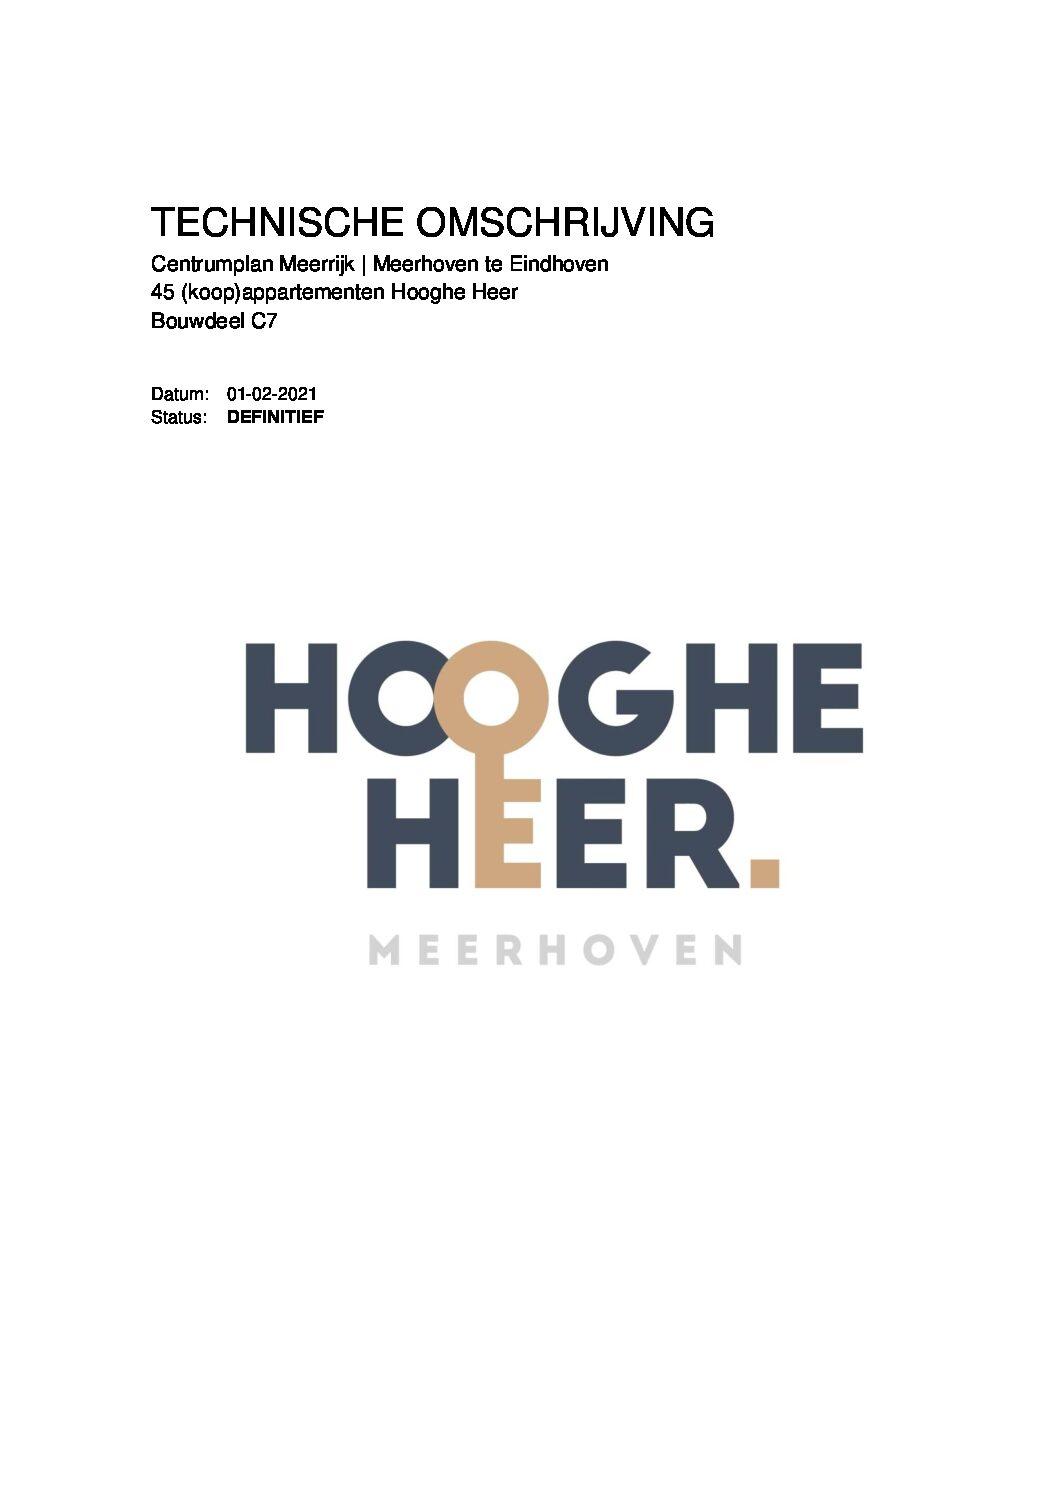 201221 TO Hooghe Heer 45 app. Meerrijk C7 DEFINITIEF